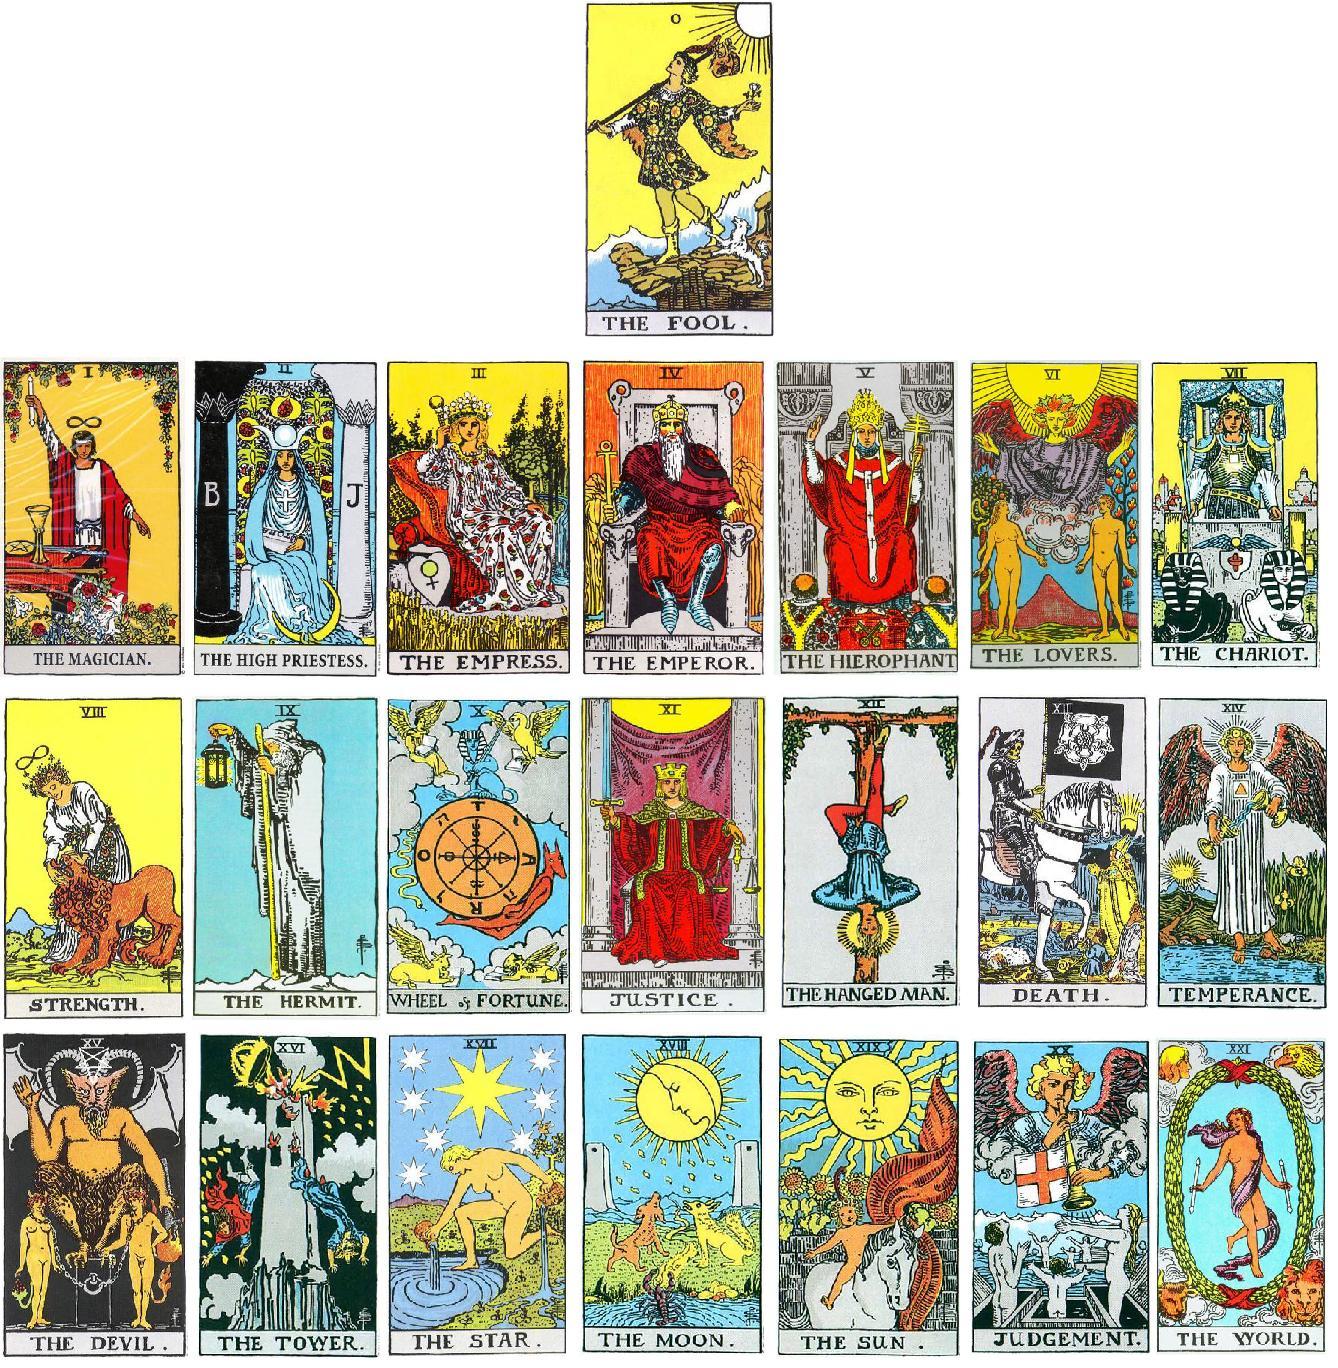 The Major Arcana cards